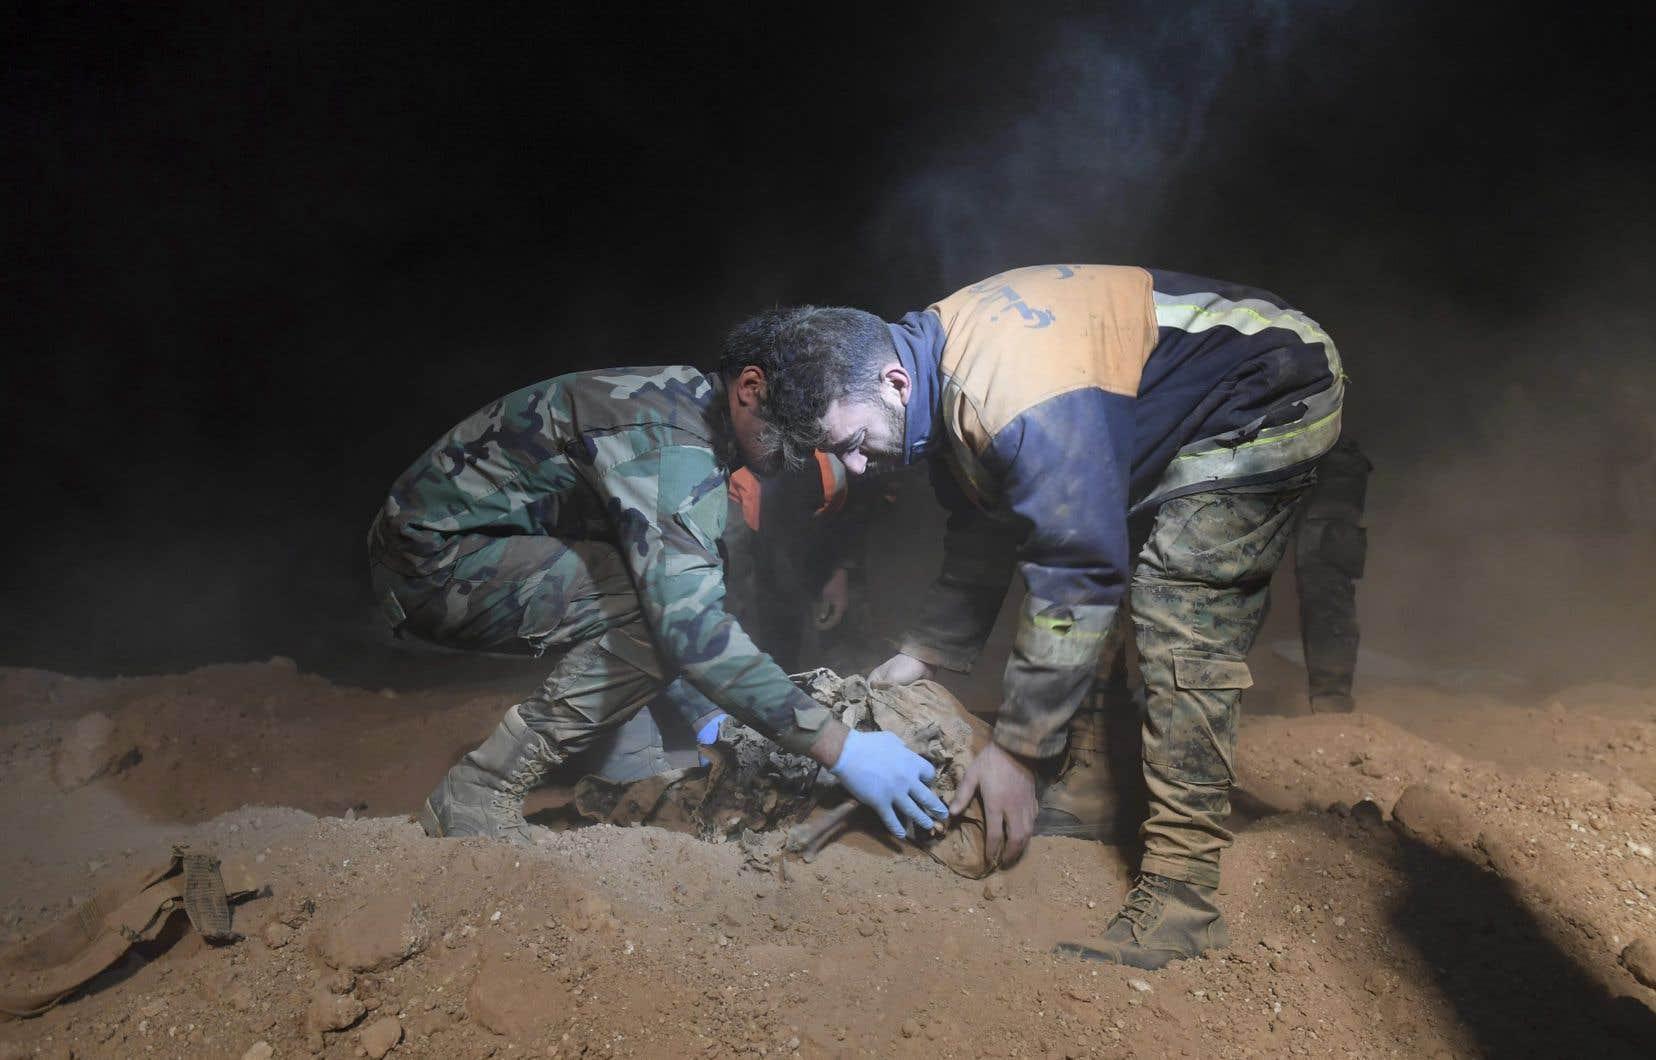 Des membres des forces de sécurité syriennes exhument des restes humains sur un site où deux fosses communes contiendraient les corps de civils et de soldats tués par les militants du groupe État islamique, dans le village de Wawi près de la ville de Raqqa, dans le nord du pays.